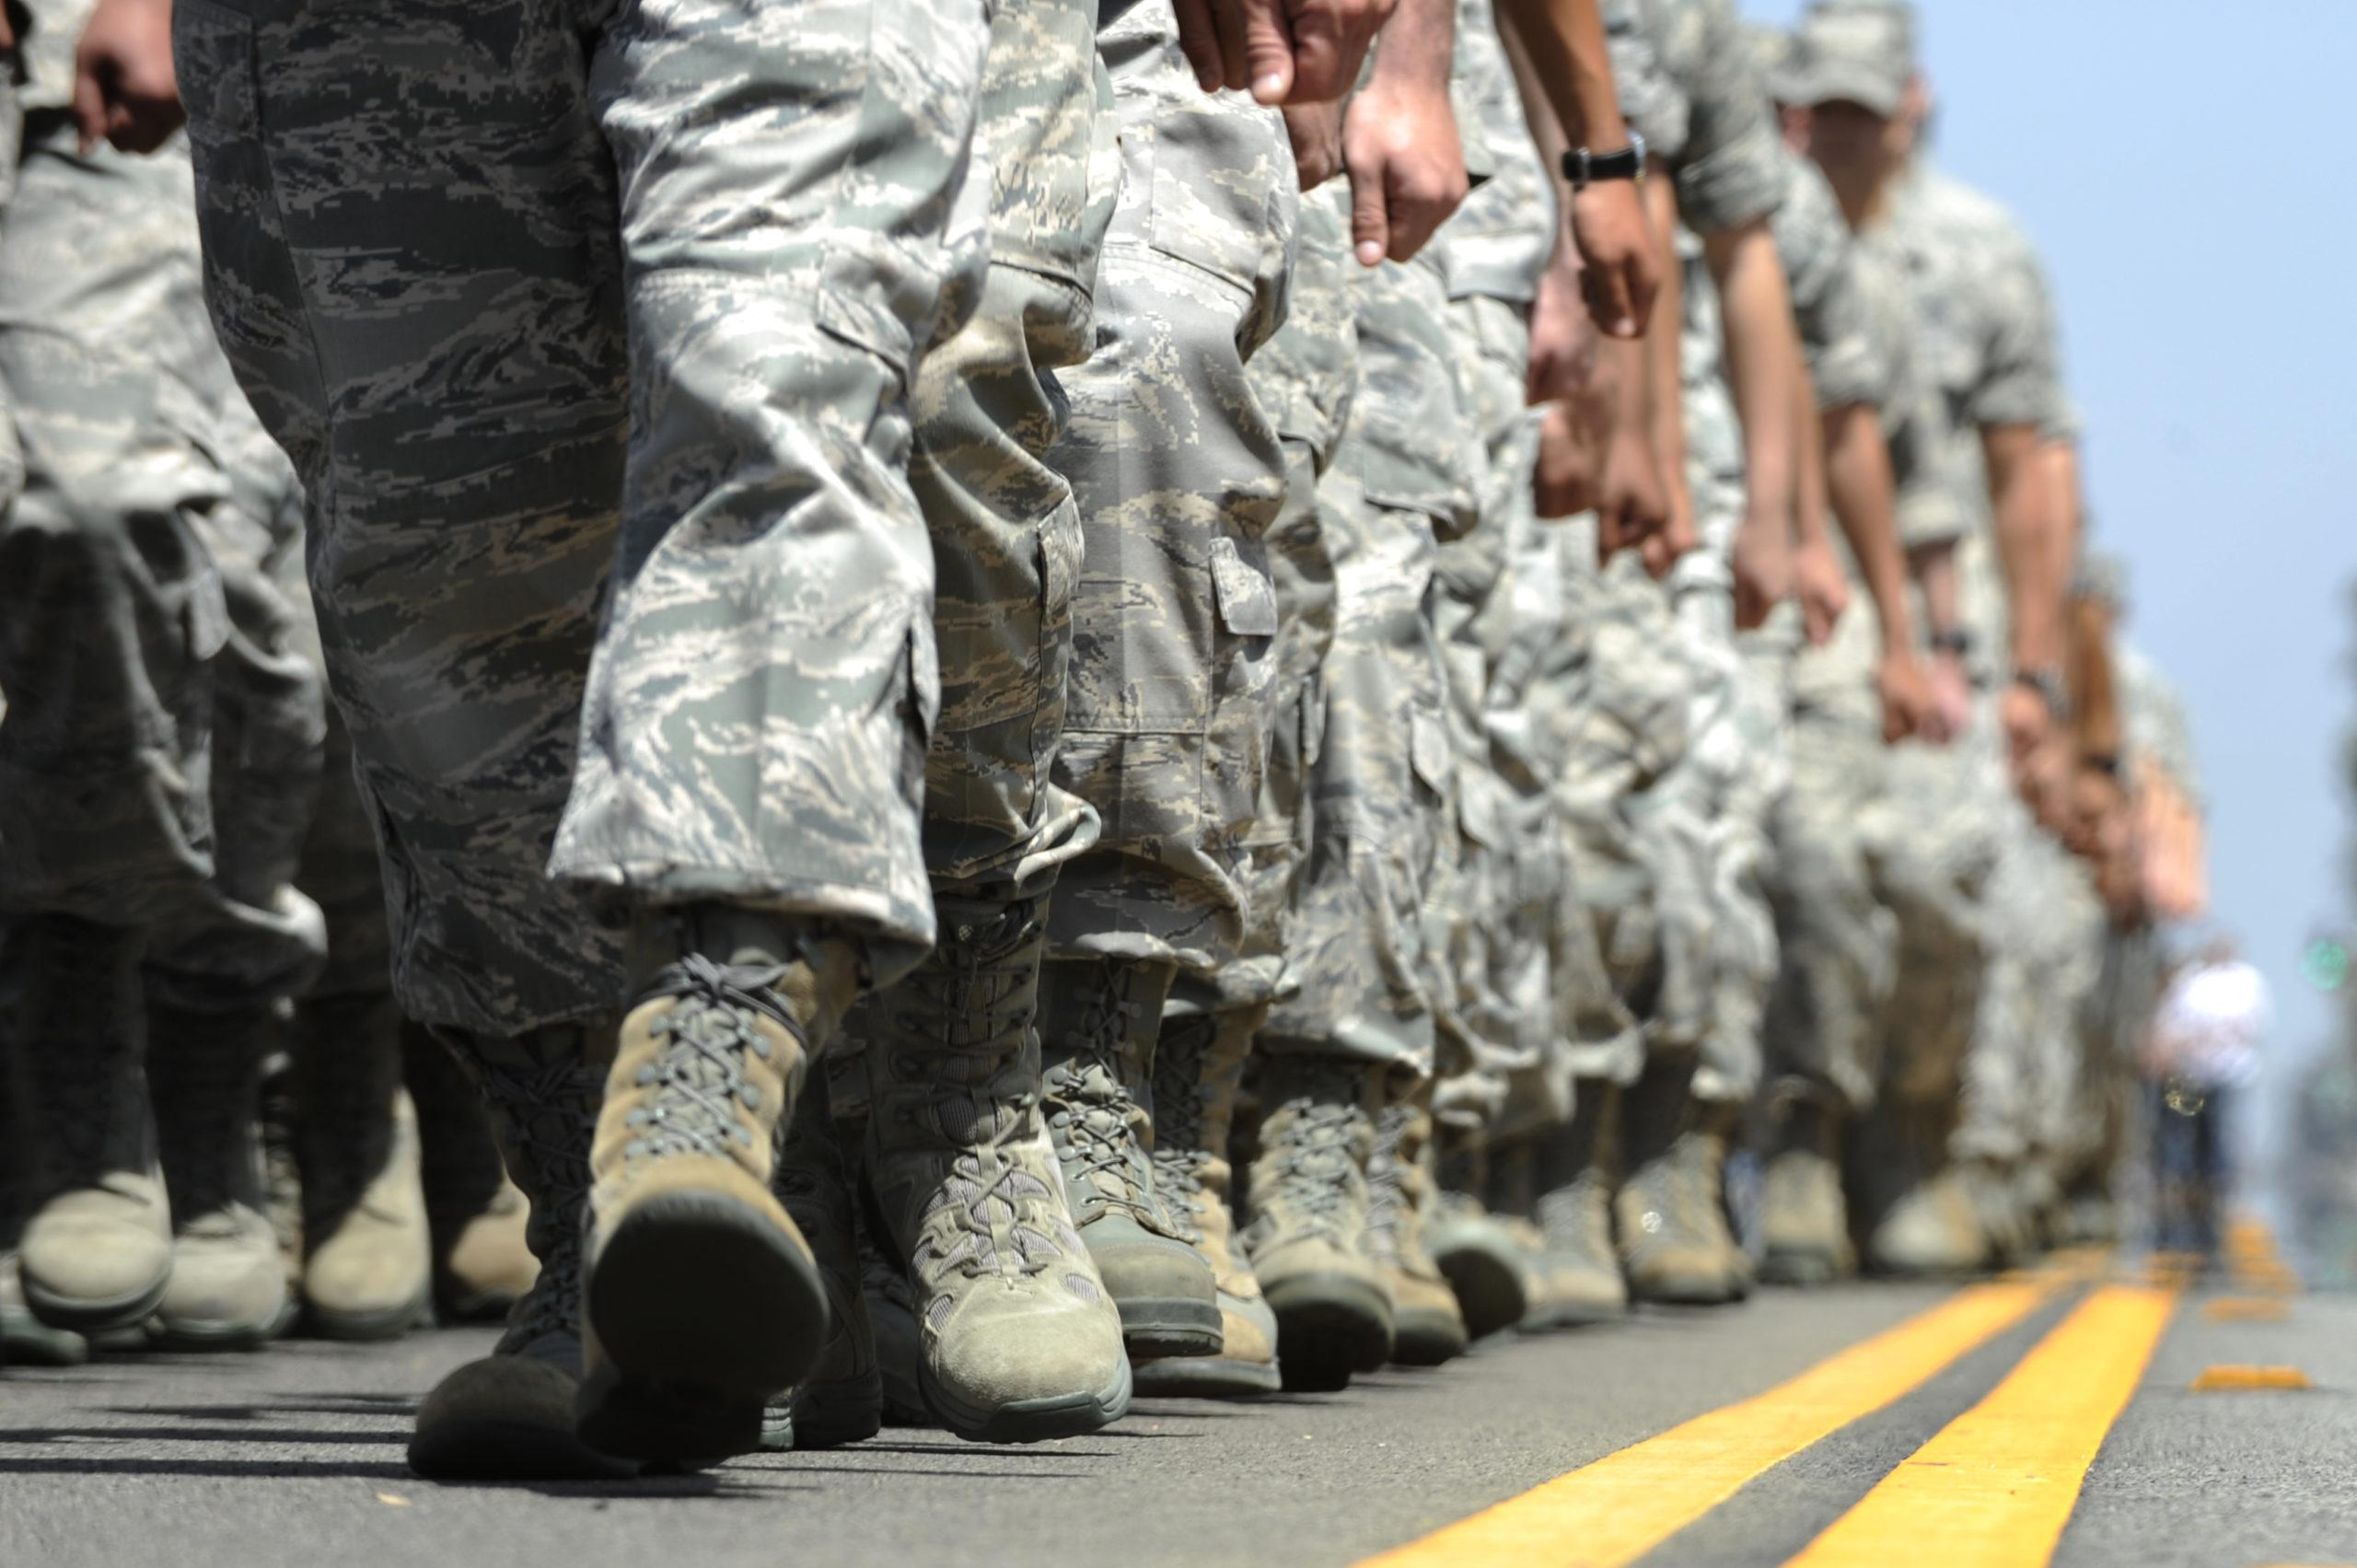 Soldados, marchando en unisom, con vista a sus botas tácticas.